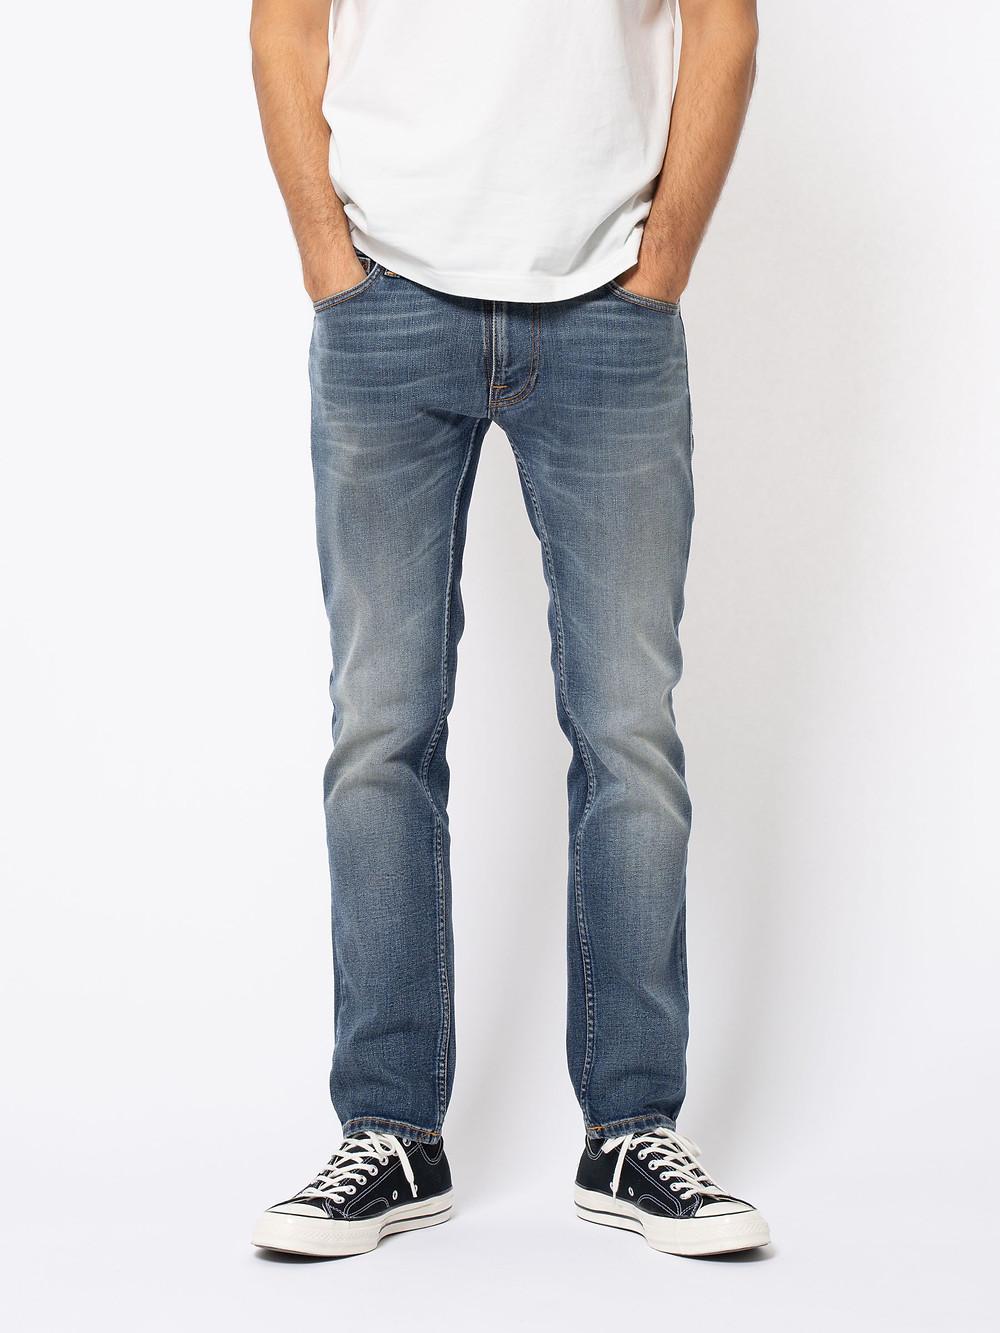 Nudie Jeans シンフィン Thin Finn ヌーディージーンズ